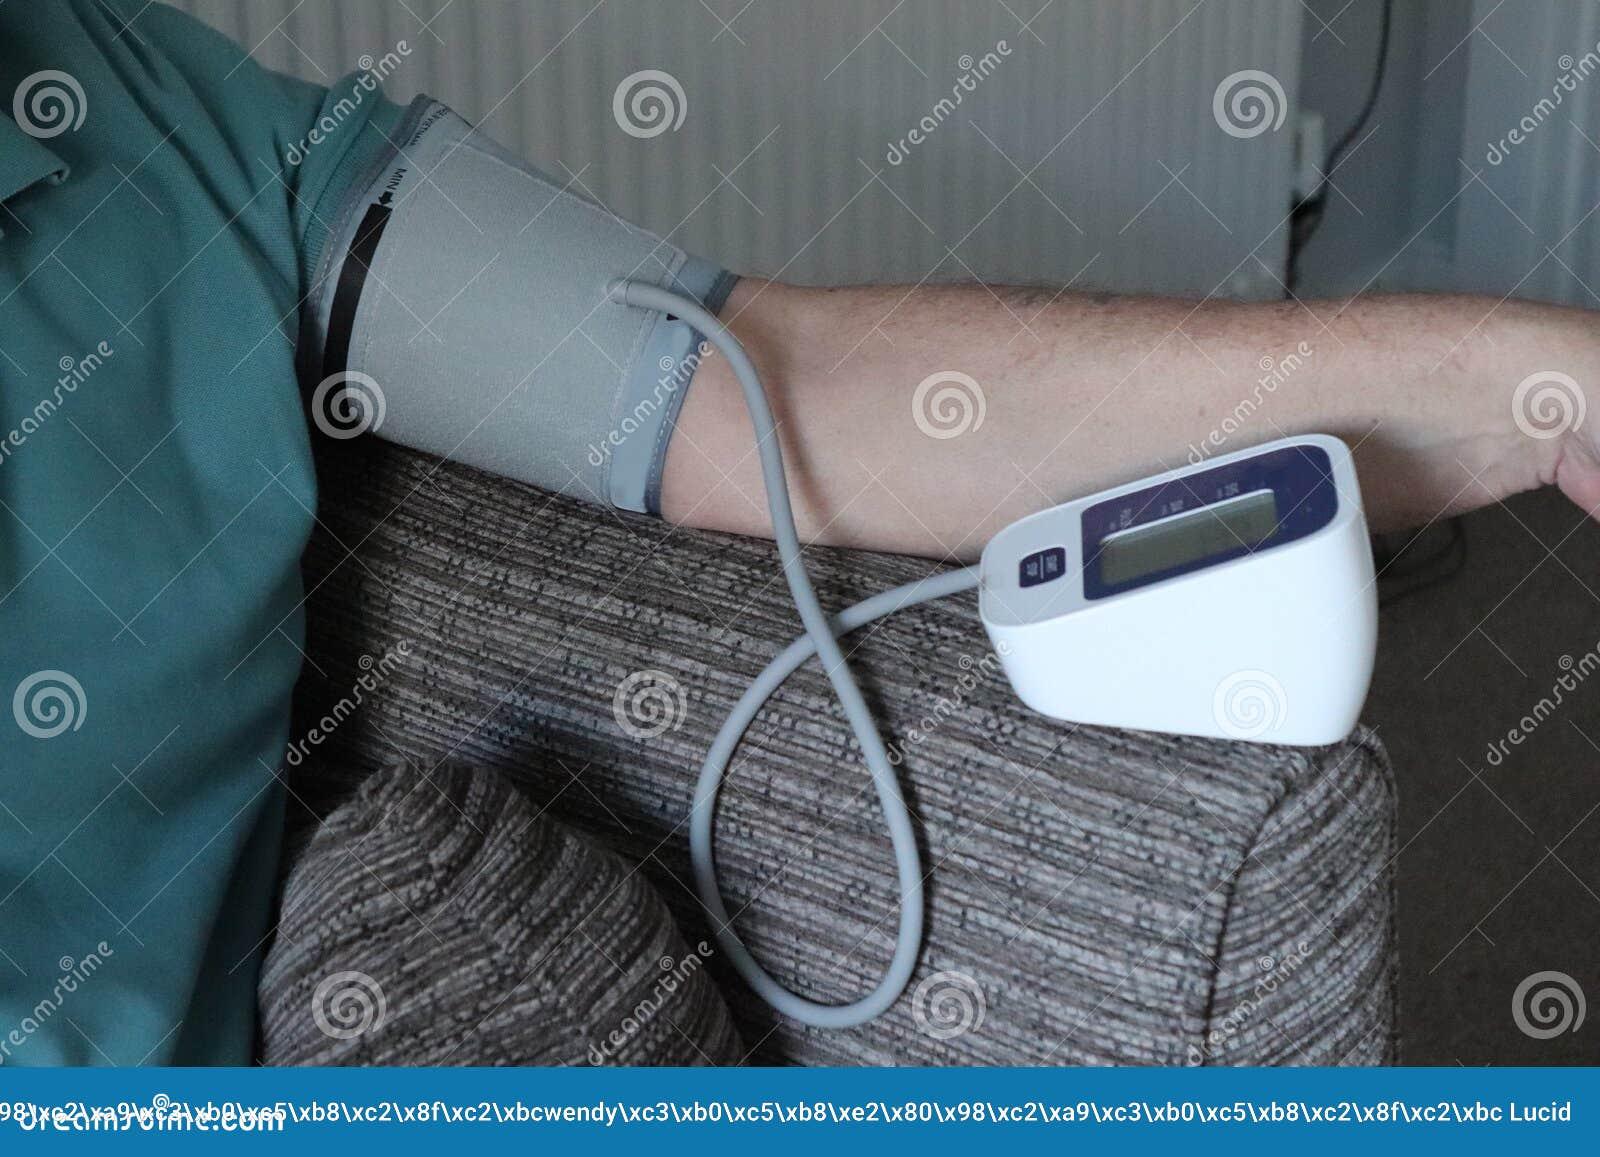 ¿Qué son las lecturas de presión arterial sistólica y diastólica?